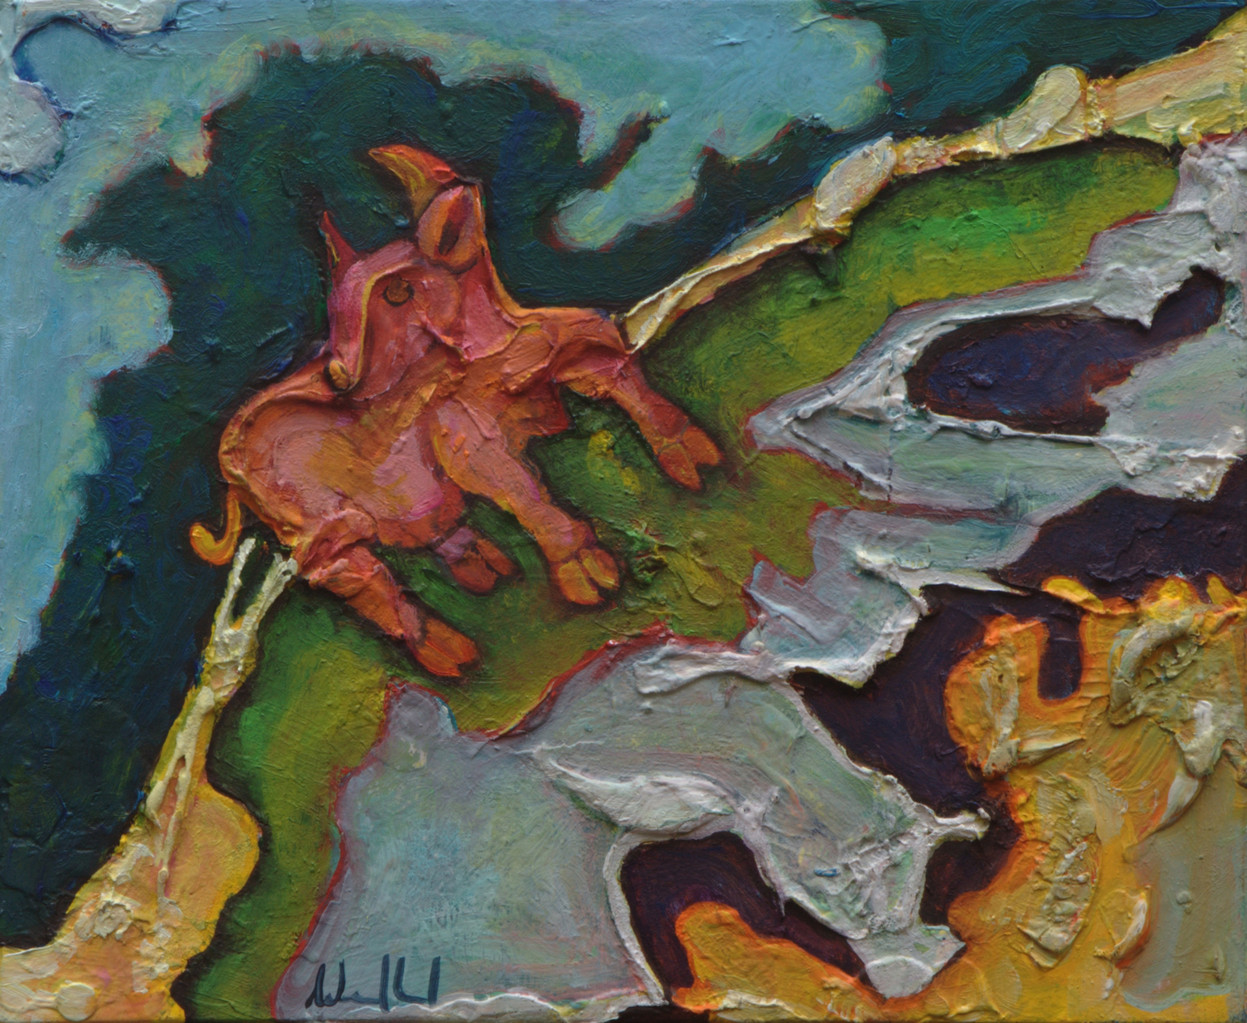 Die Kuh auf grüner Wiese · 2012, Acryl, Öl auf Pappe, 20 x 16 cm